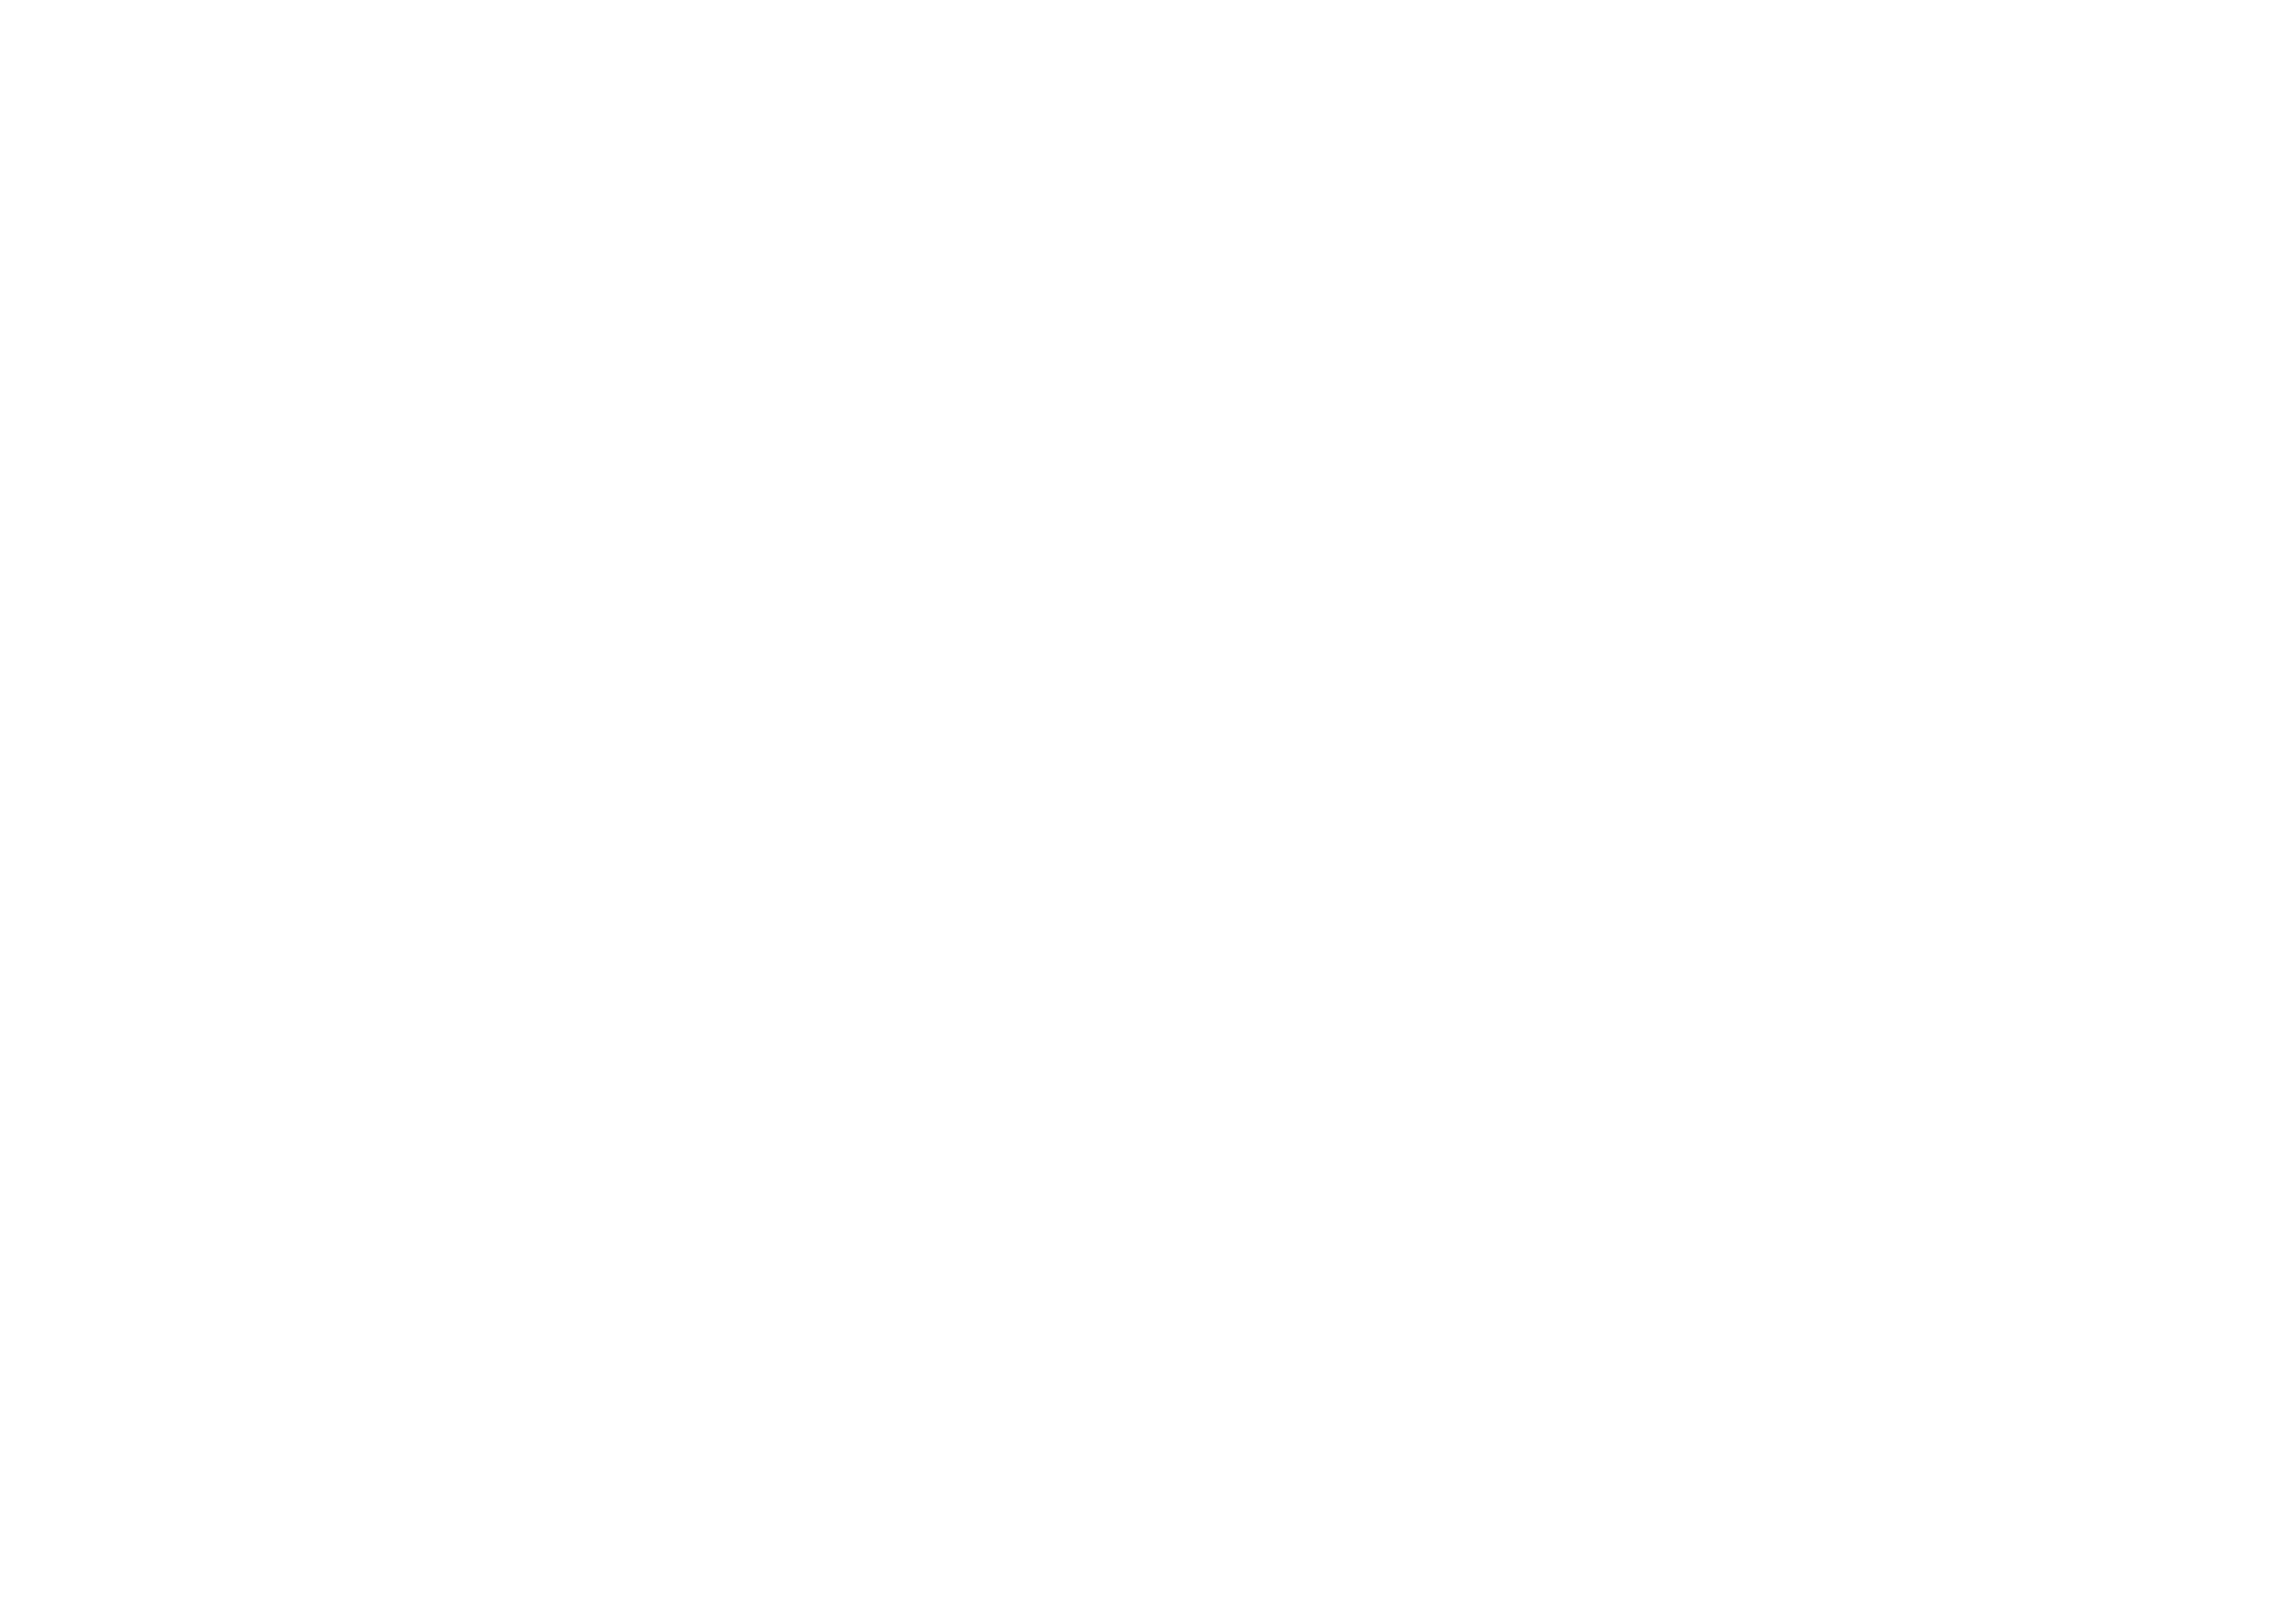 vivanderia-logo